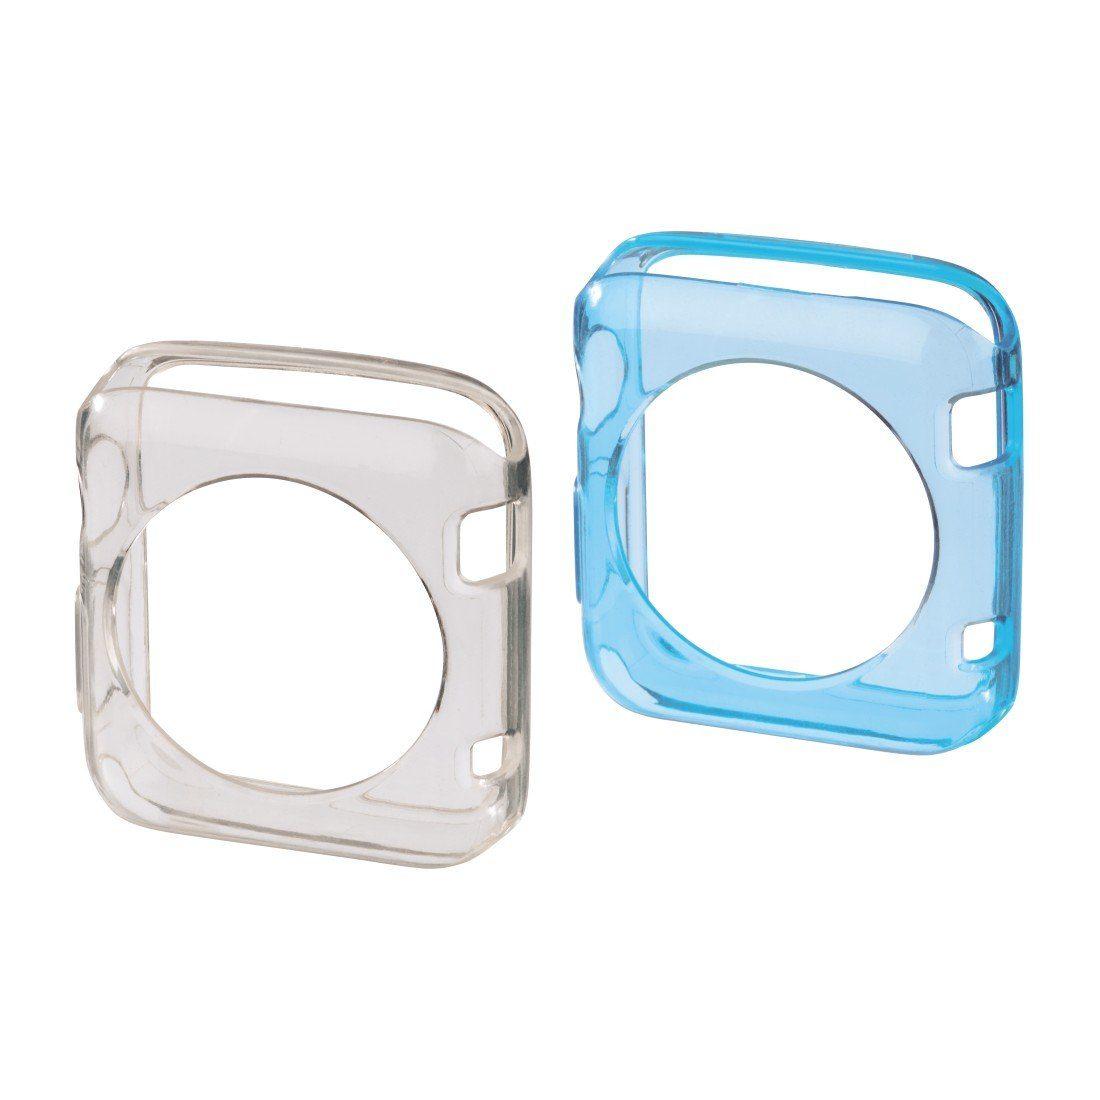 Hama Schutzhüllen-Set Crystal für Apple Watch 38 mm, 2 St.